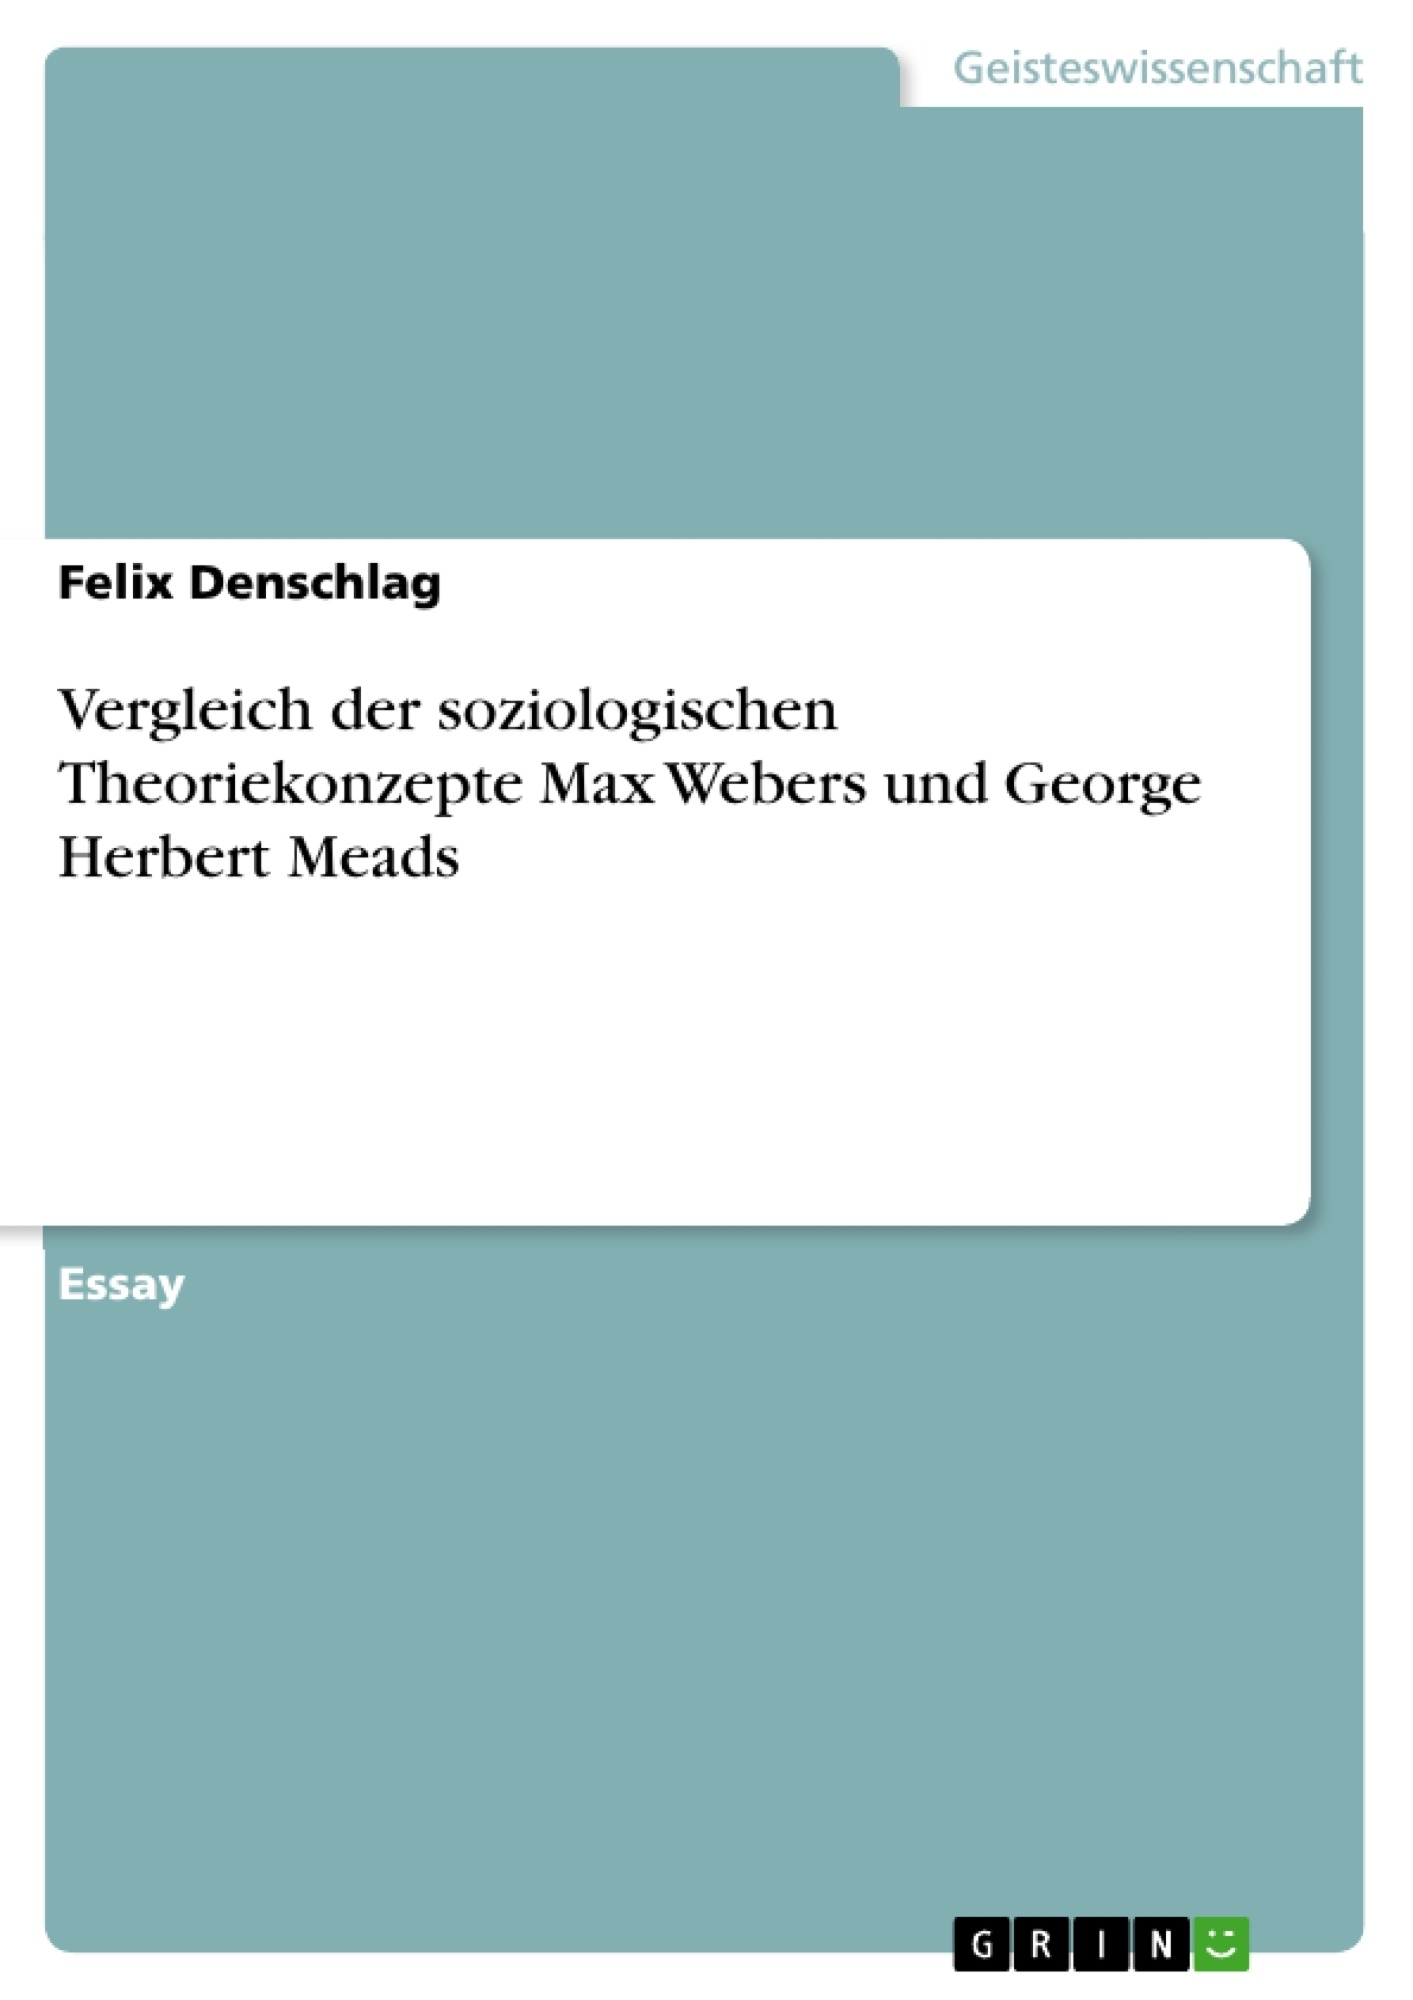 Titel: Vergleich der soziologischen Theoriekonzepte Max Webers und George Herbert Meads